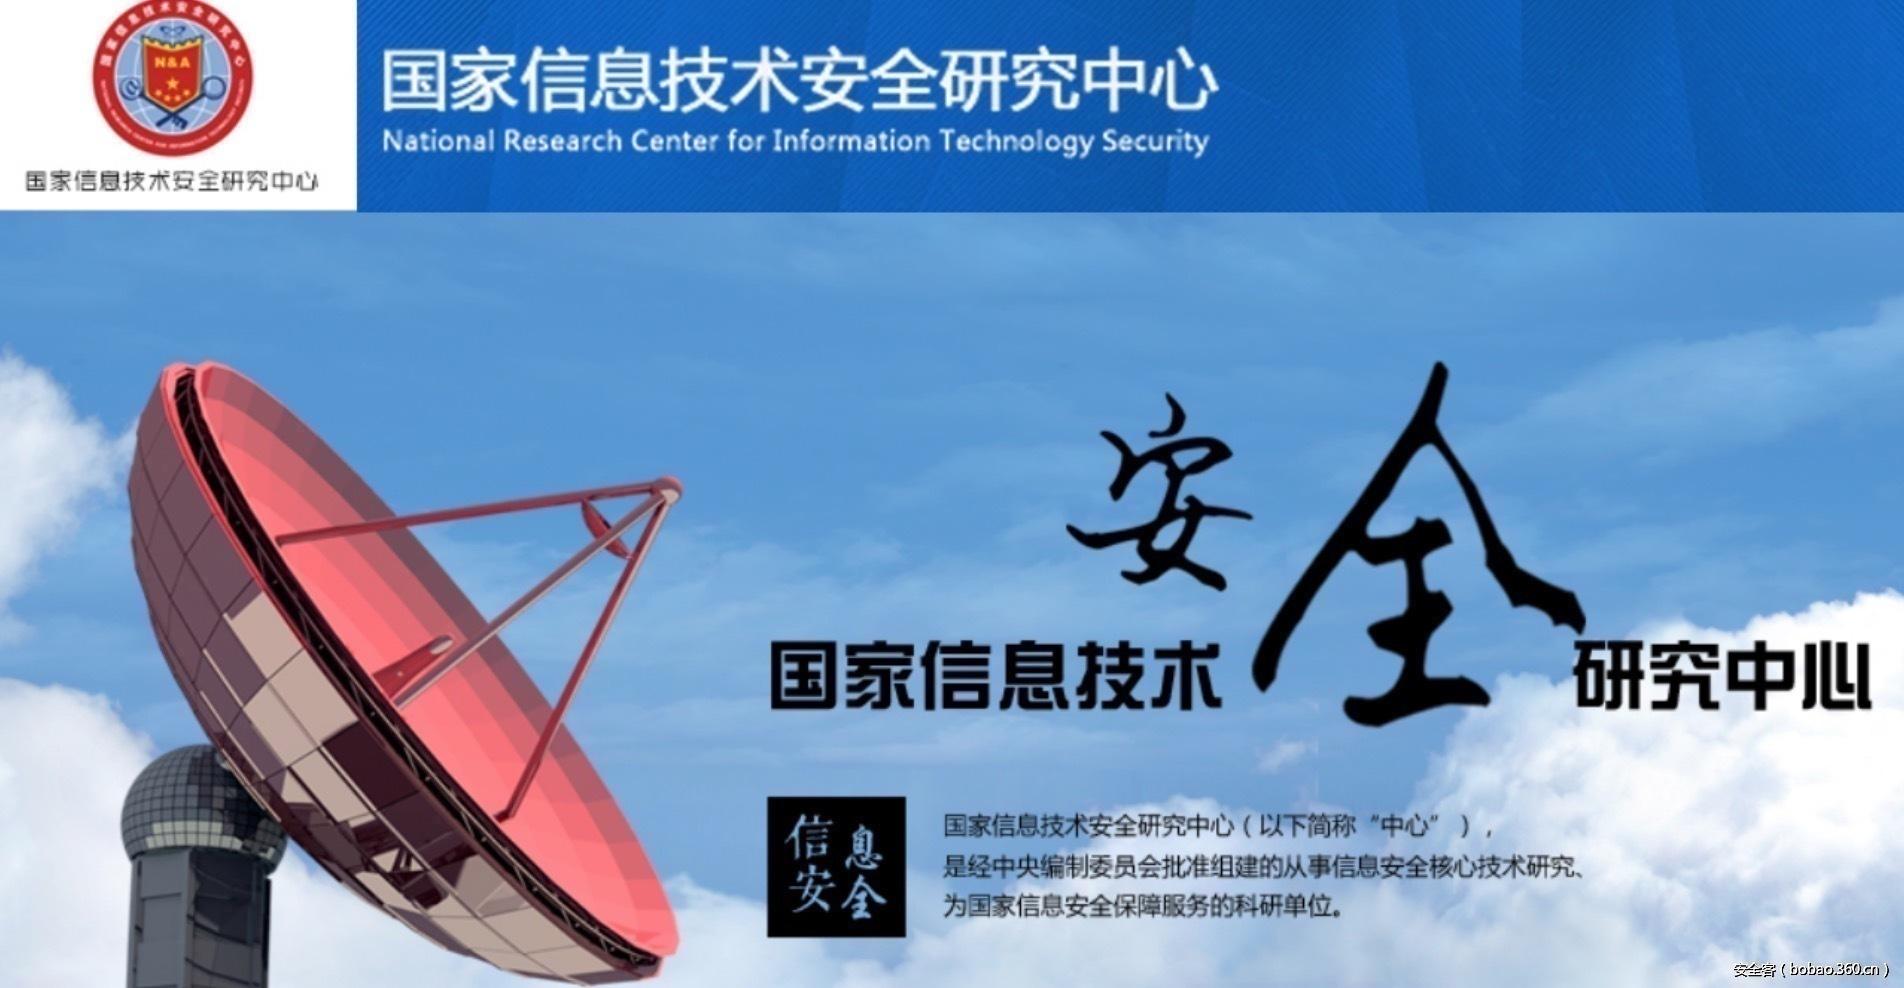 国家信息技术安全研究中心招聘安全研究人员(工作地点 上海)